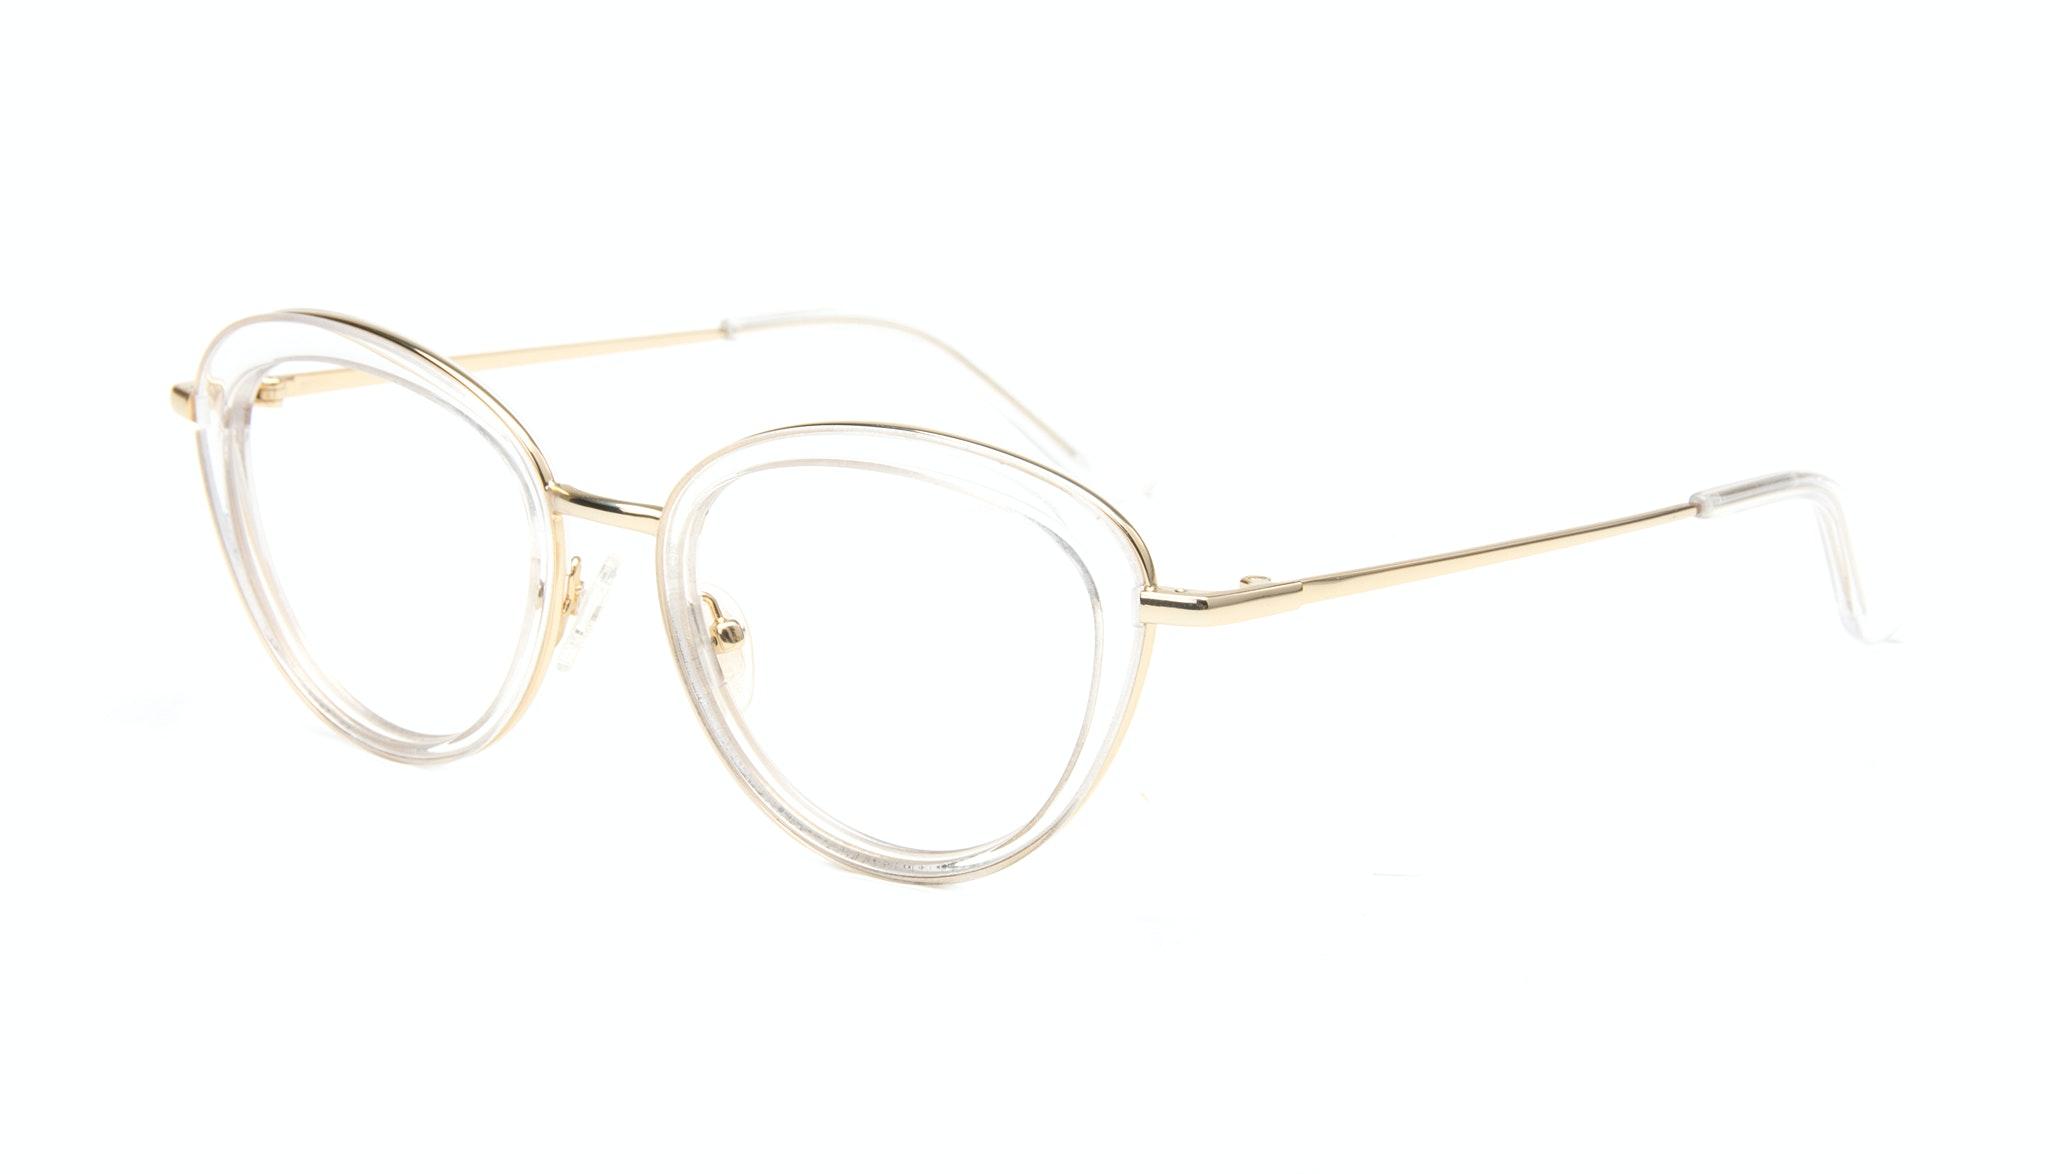 Affordable Fashion Glasses Cat Eye Eyeglasses Women Glory Gold Diamond Tilt